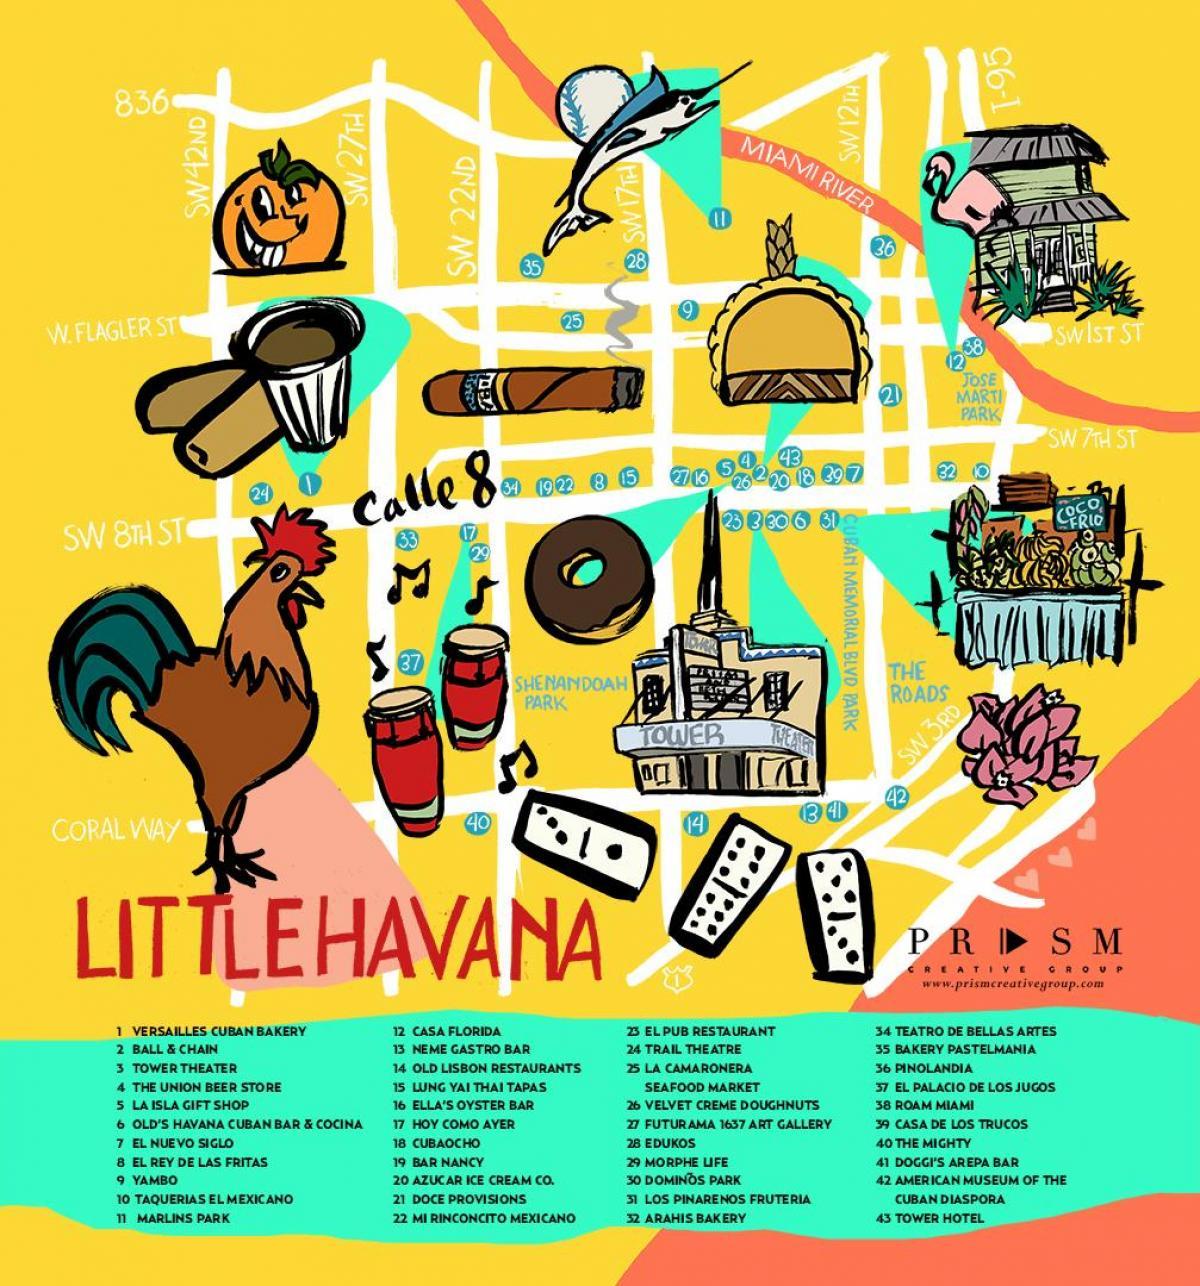 havana kart Little havanna i Miami kart   Miami Little havana kart (Florida   USA) havana kart